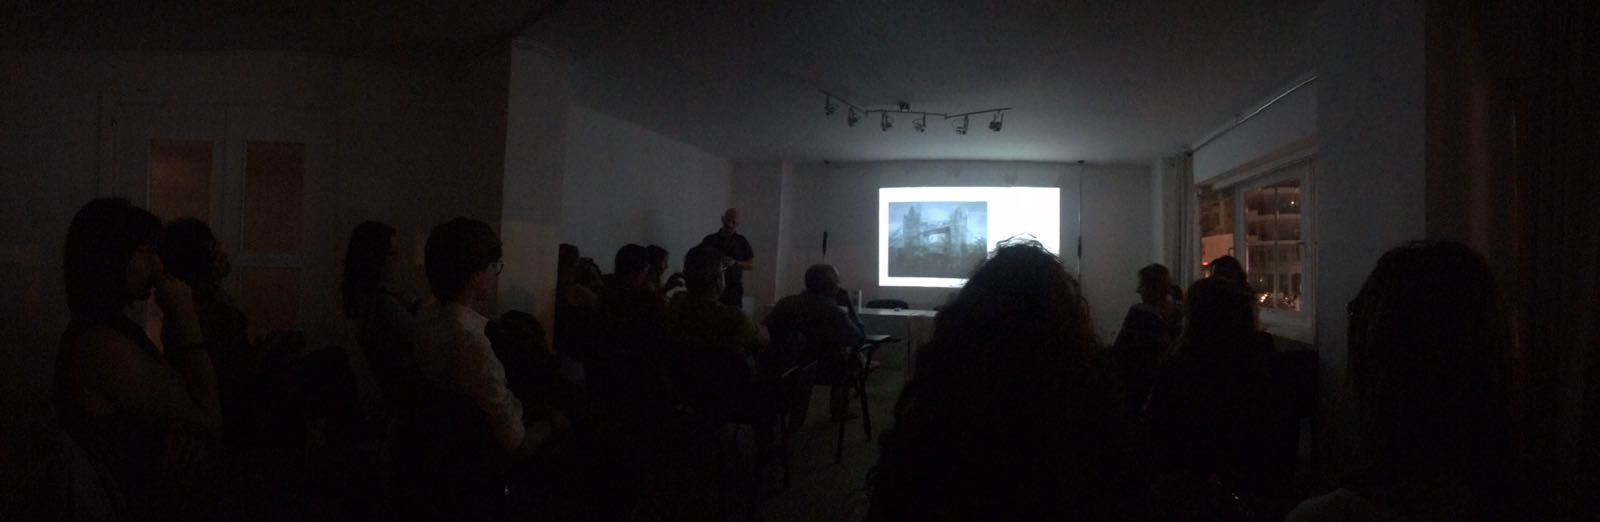 L'Investigazione della Realtà attraverso l'Immagine  at Scuola Stabile di Fotografia in Palermo, 29 September 2018, (Image courtesy of Stefania Del Monte)